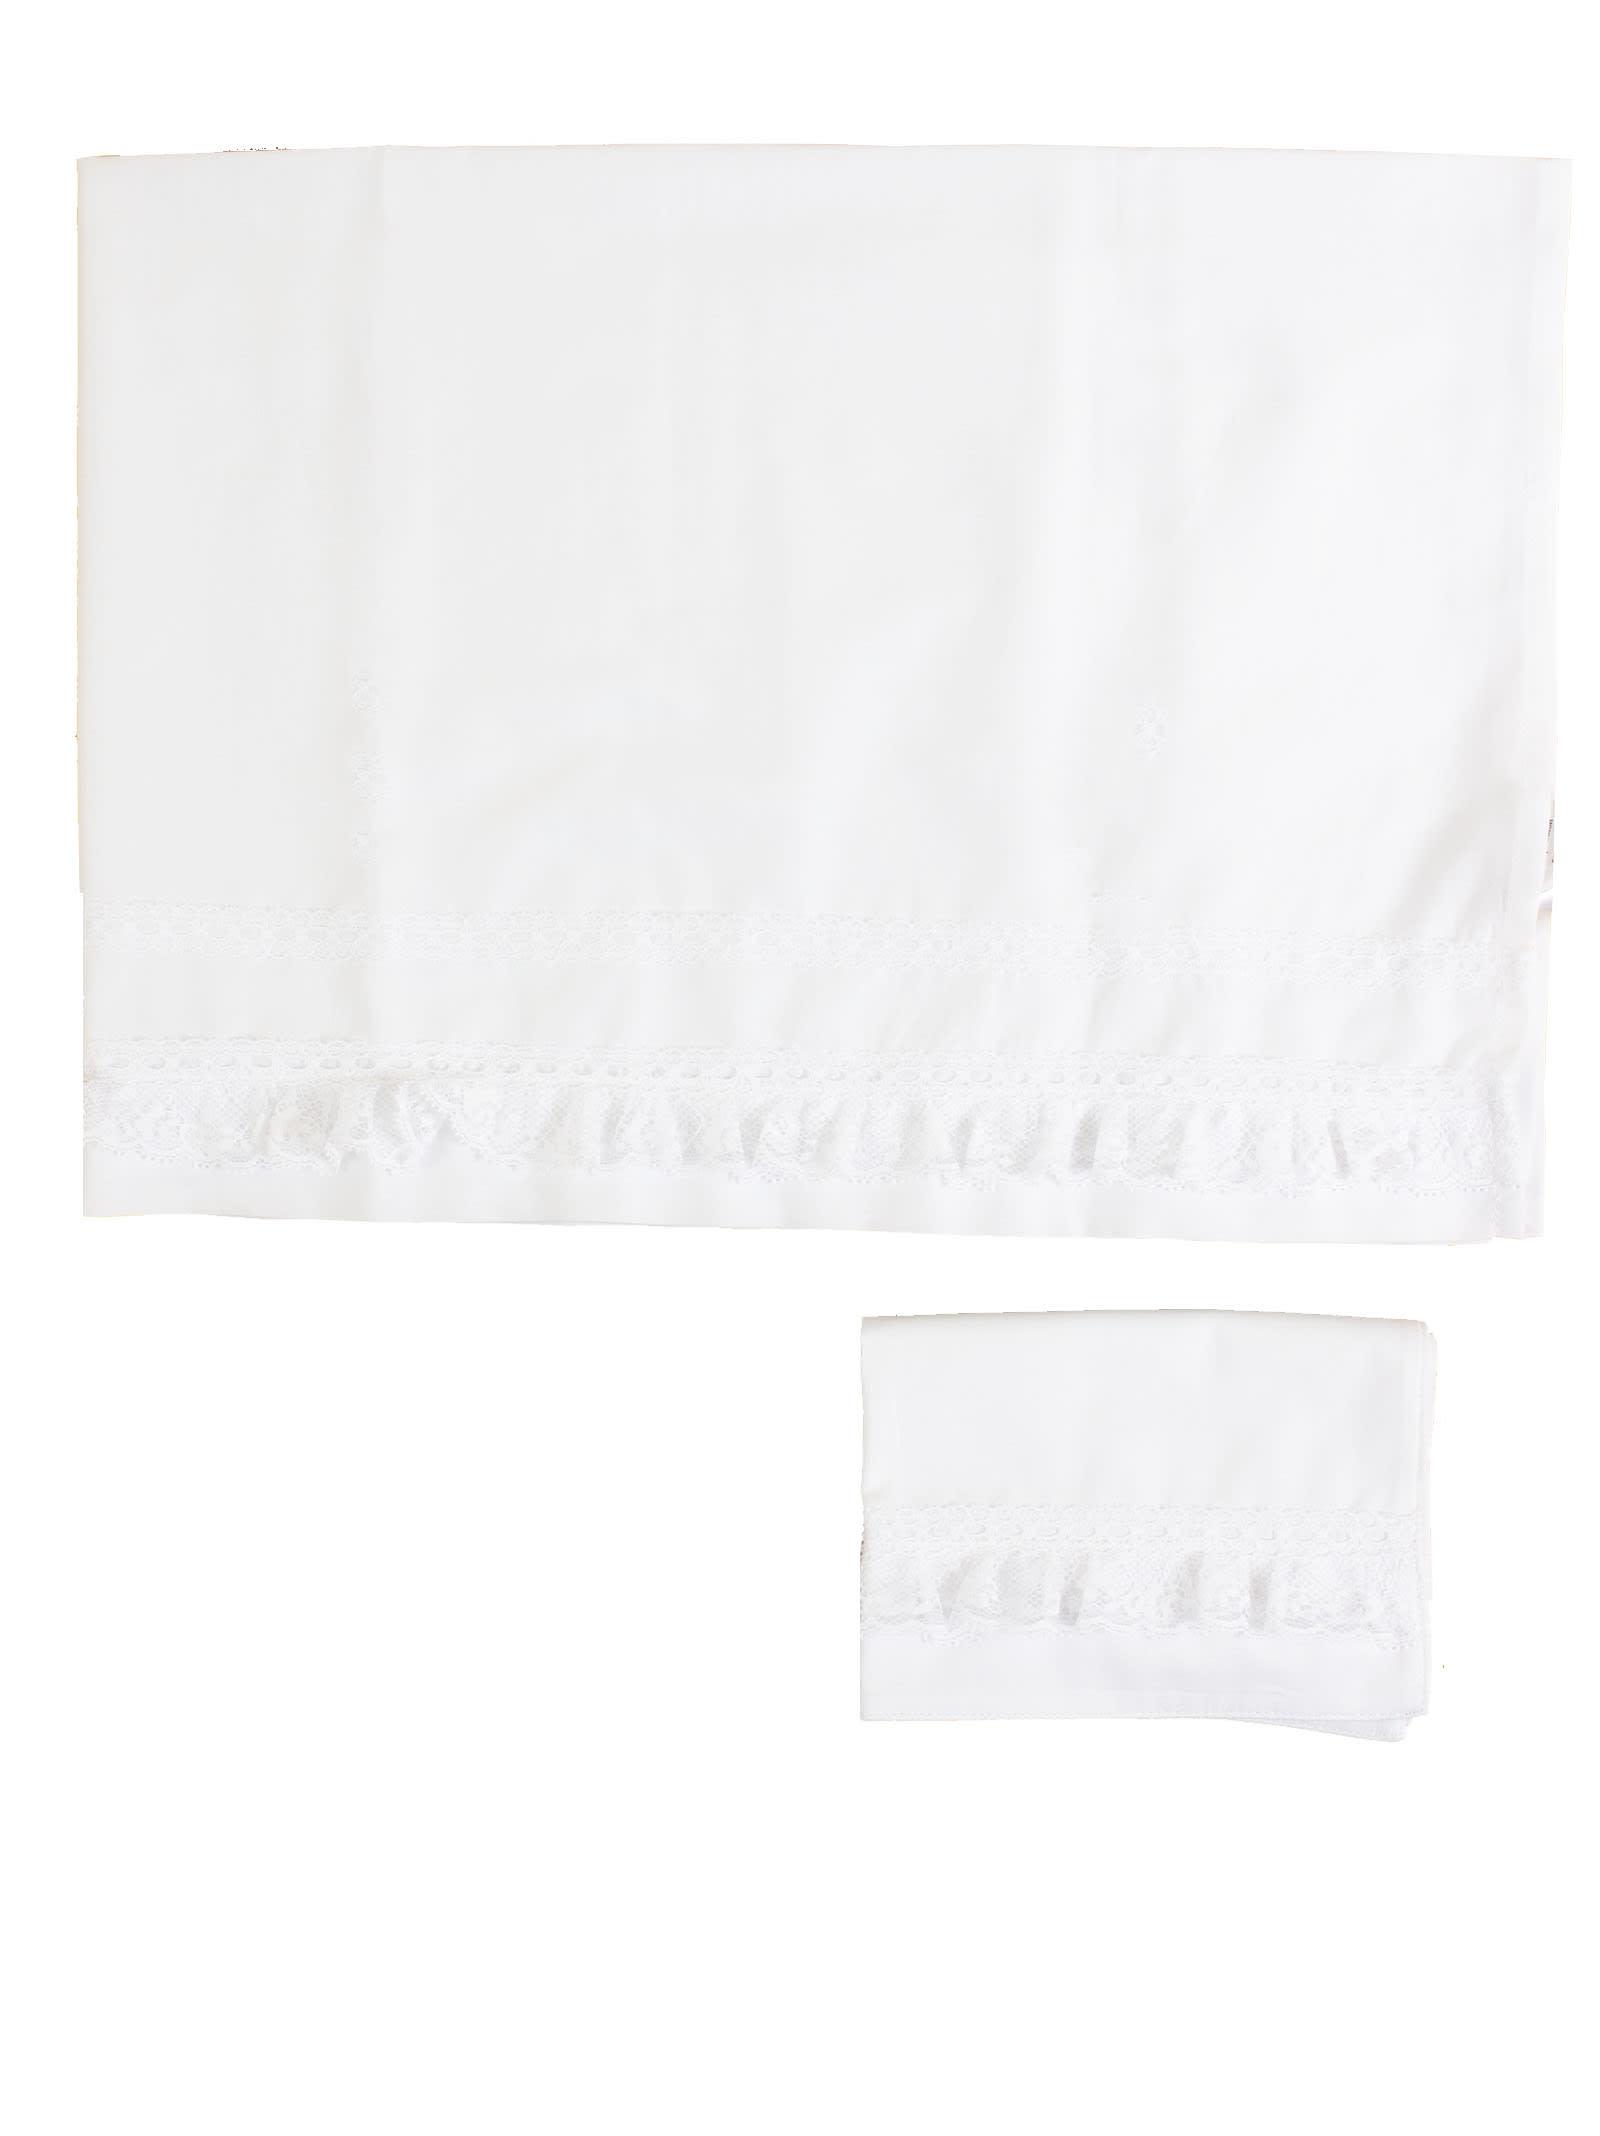 Cotton Newborn Sheet